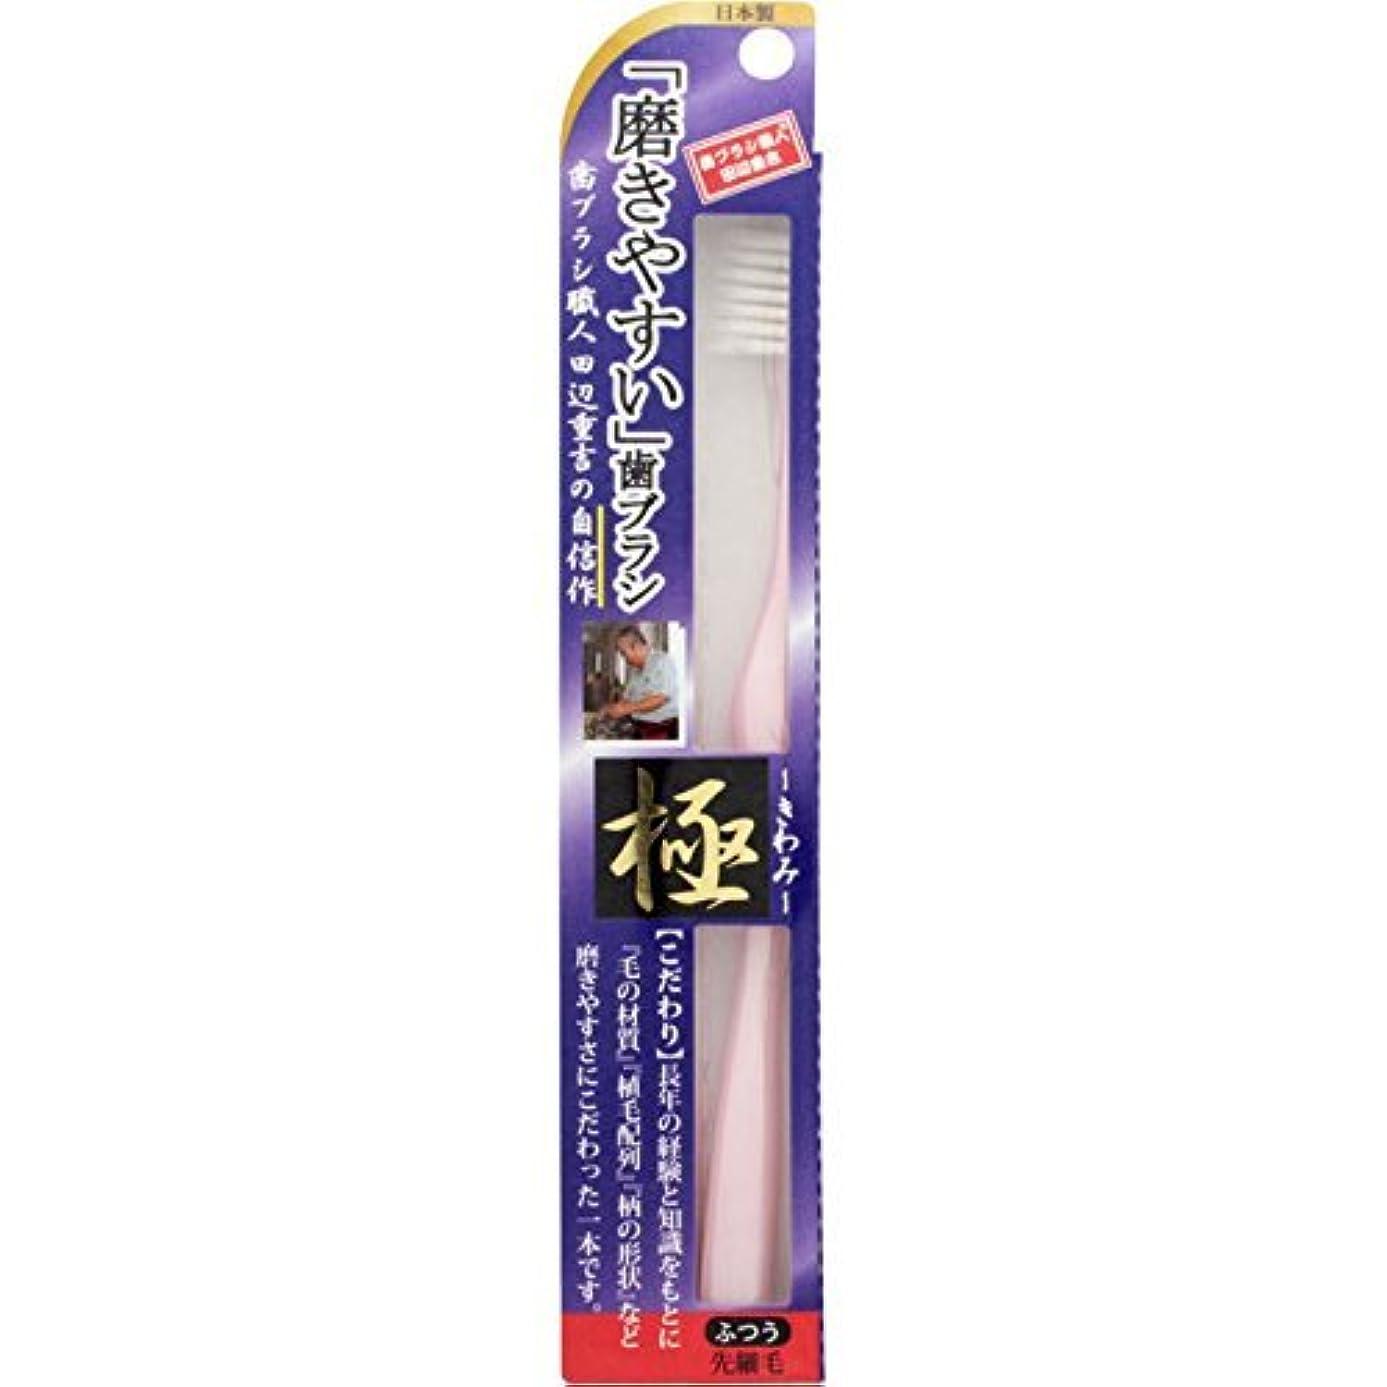 オーバーヘッド新聞戸惑う【まとめ買い】磨きやすい歯ブラシ 極 LT-22 ×20個